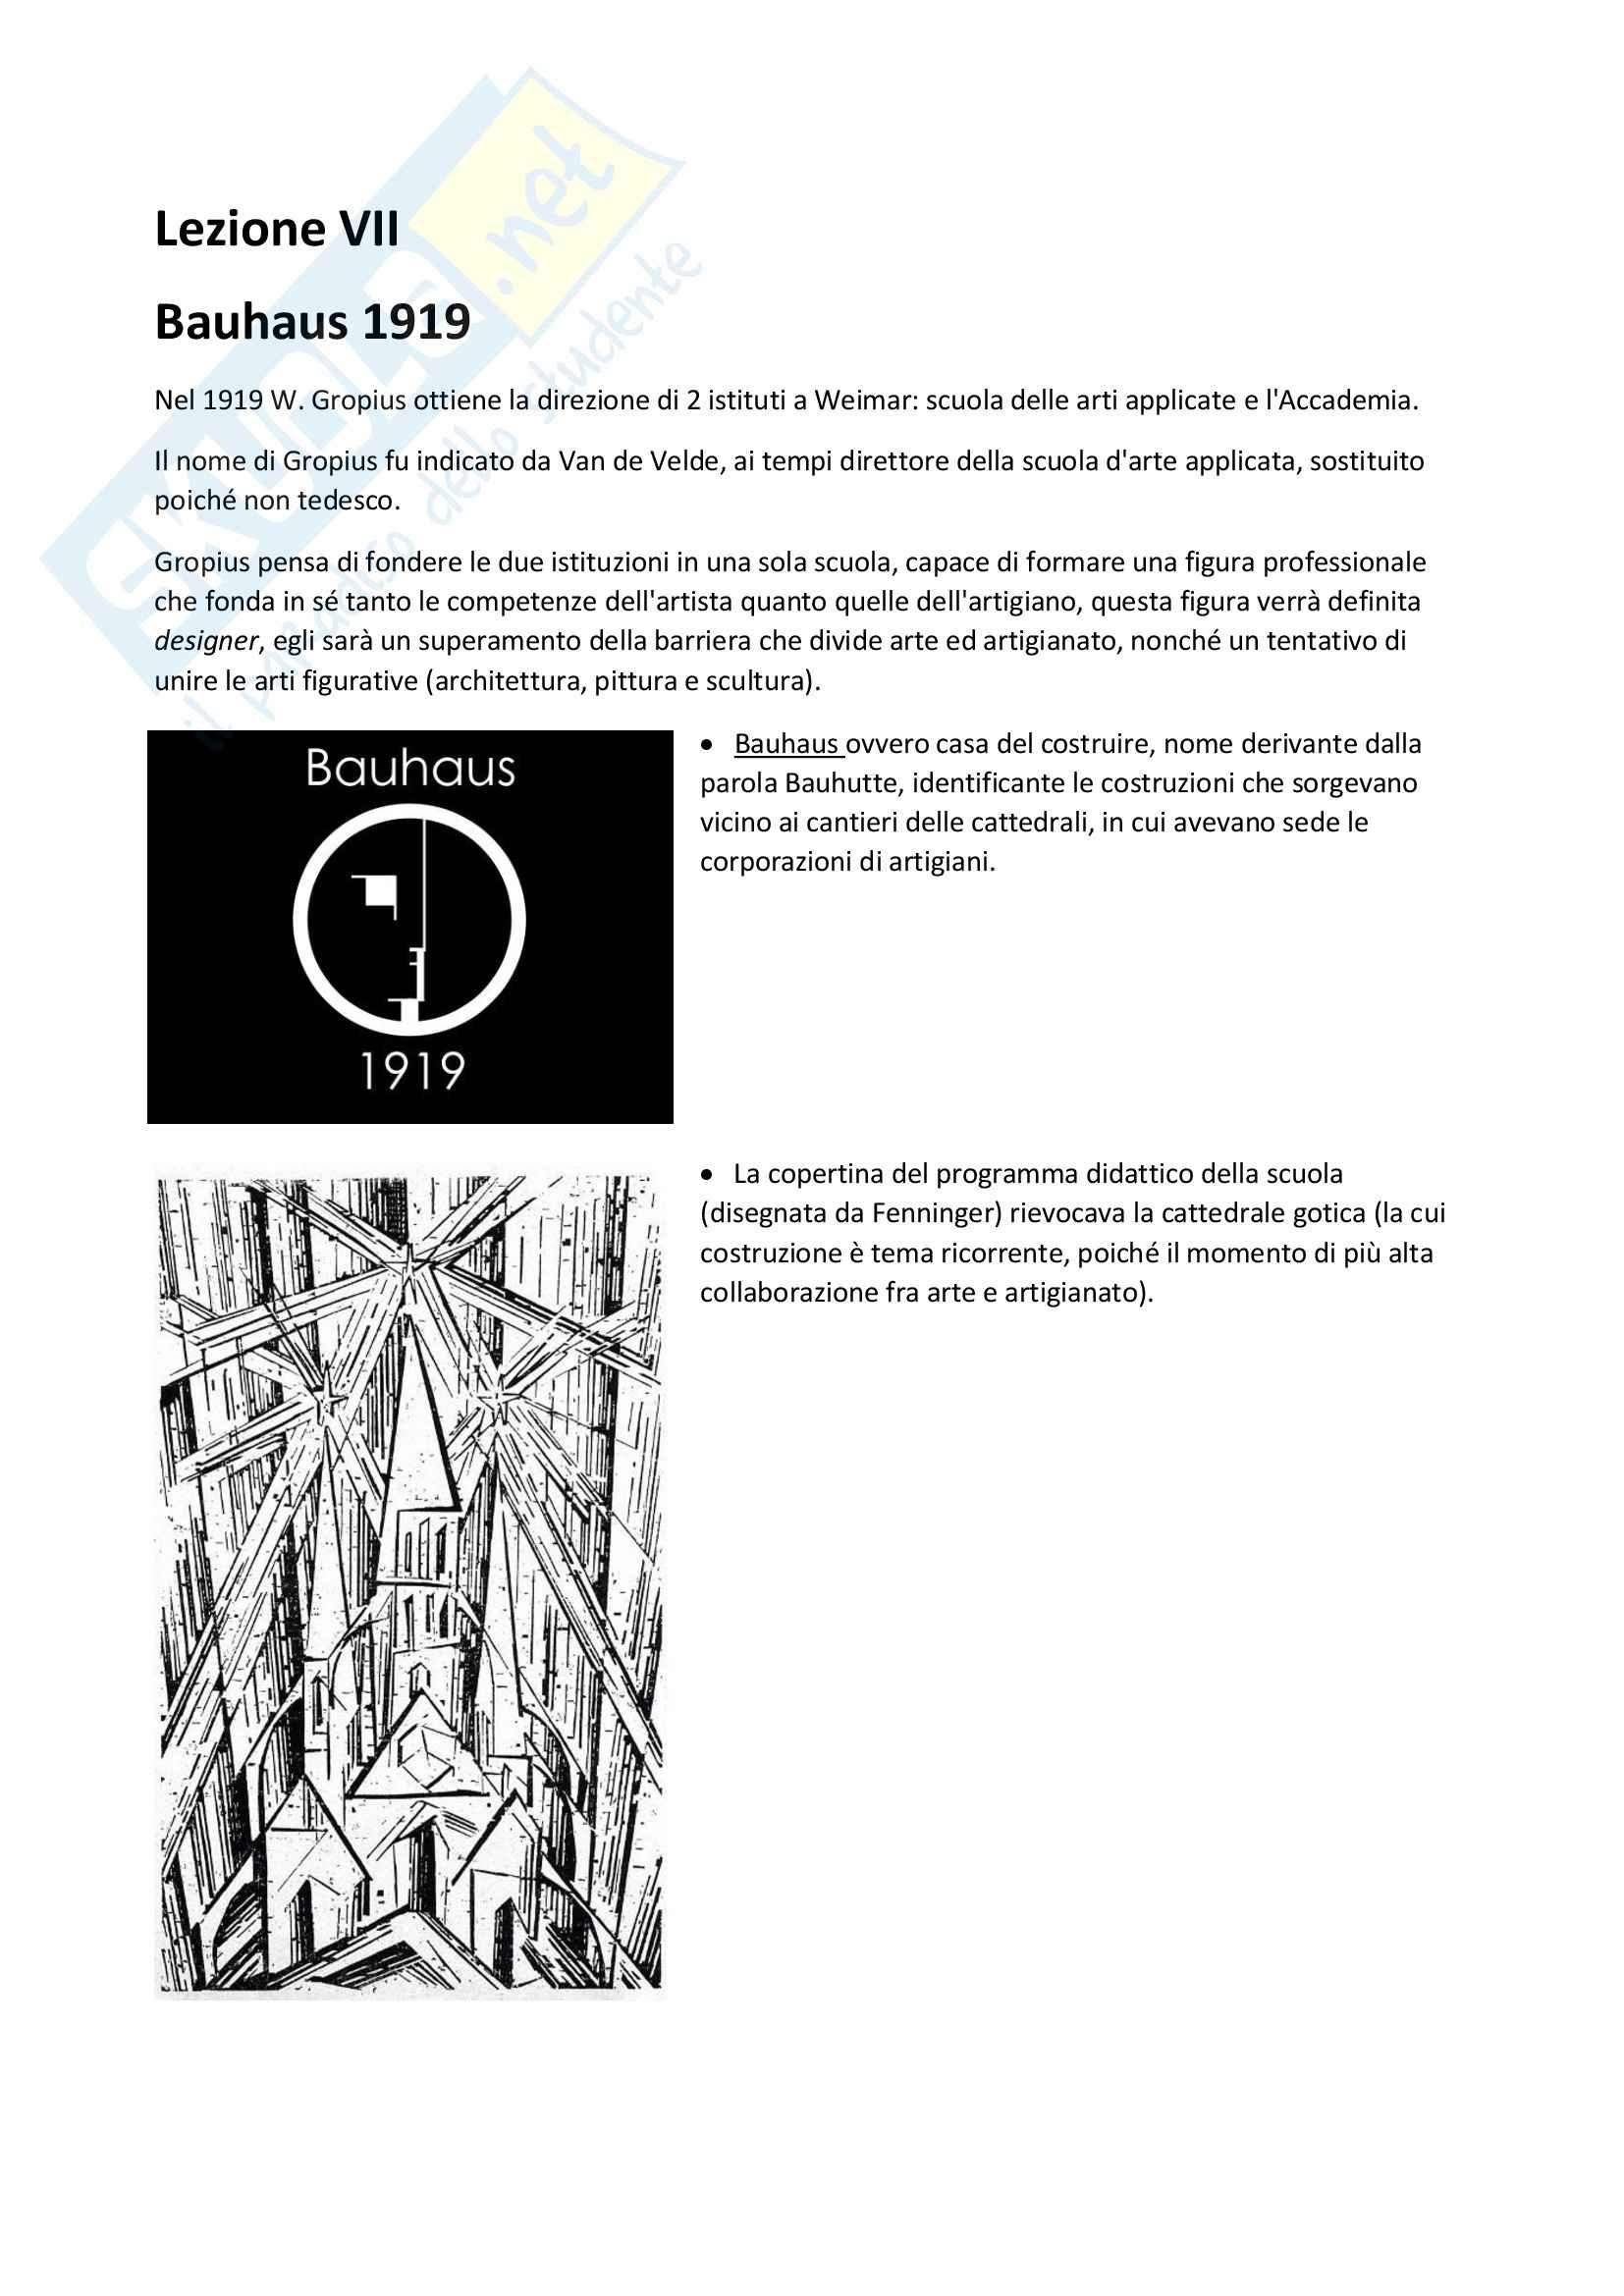 Bauhaus: Appunti di Storia delle arti e del design